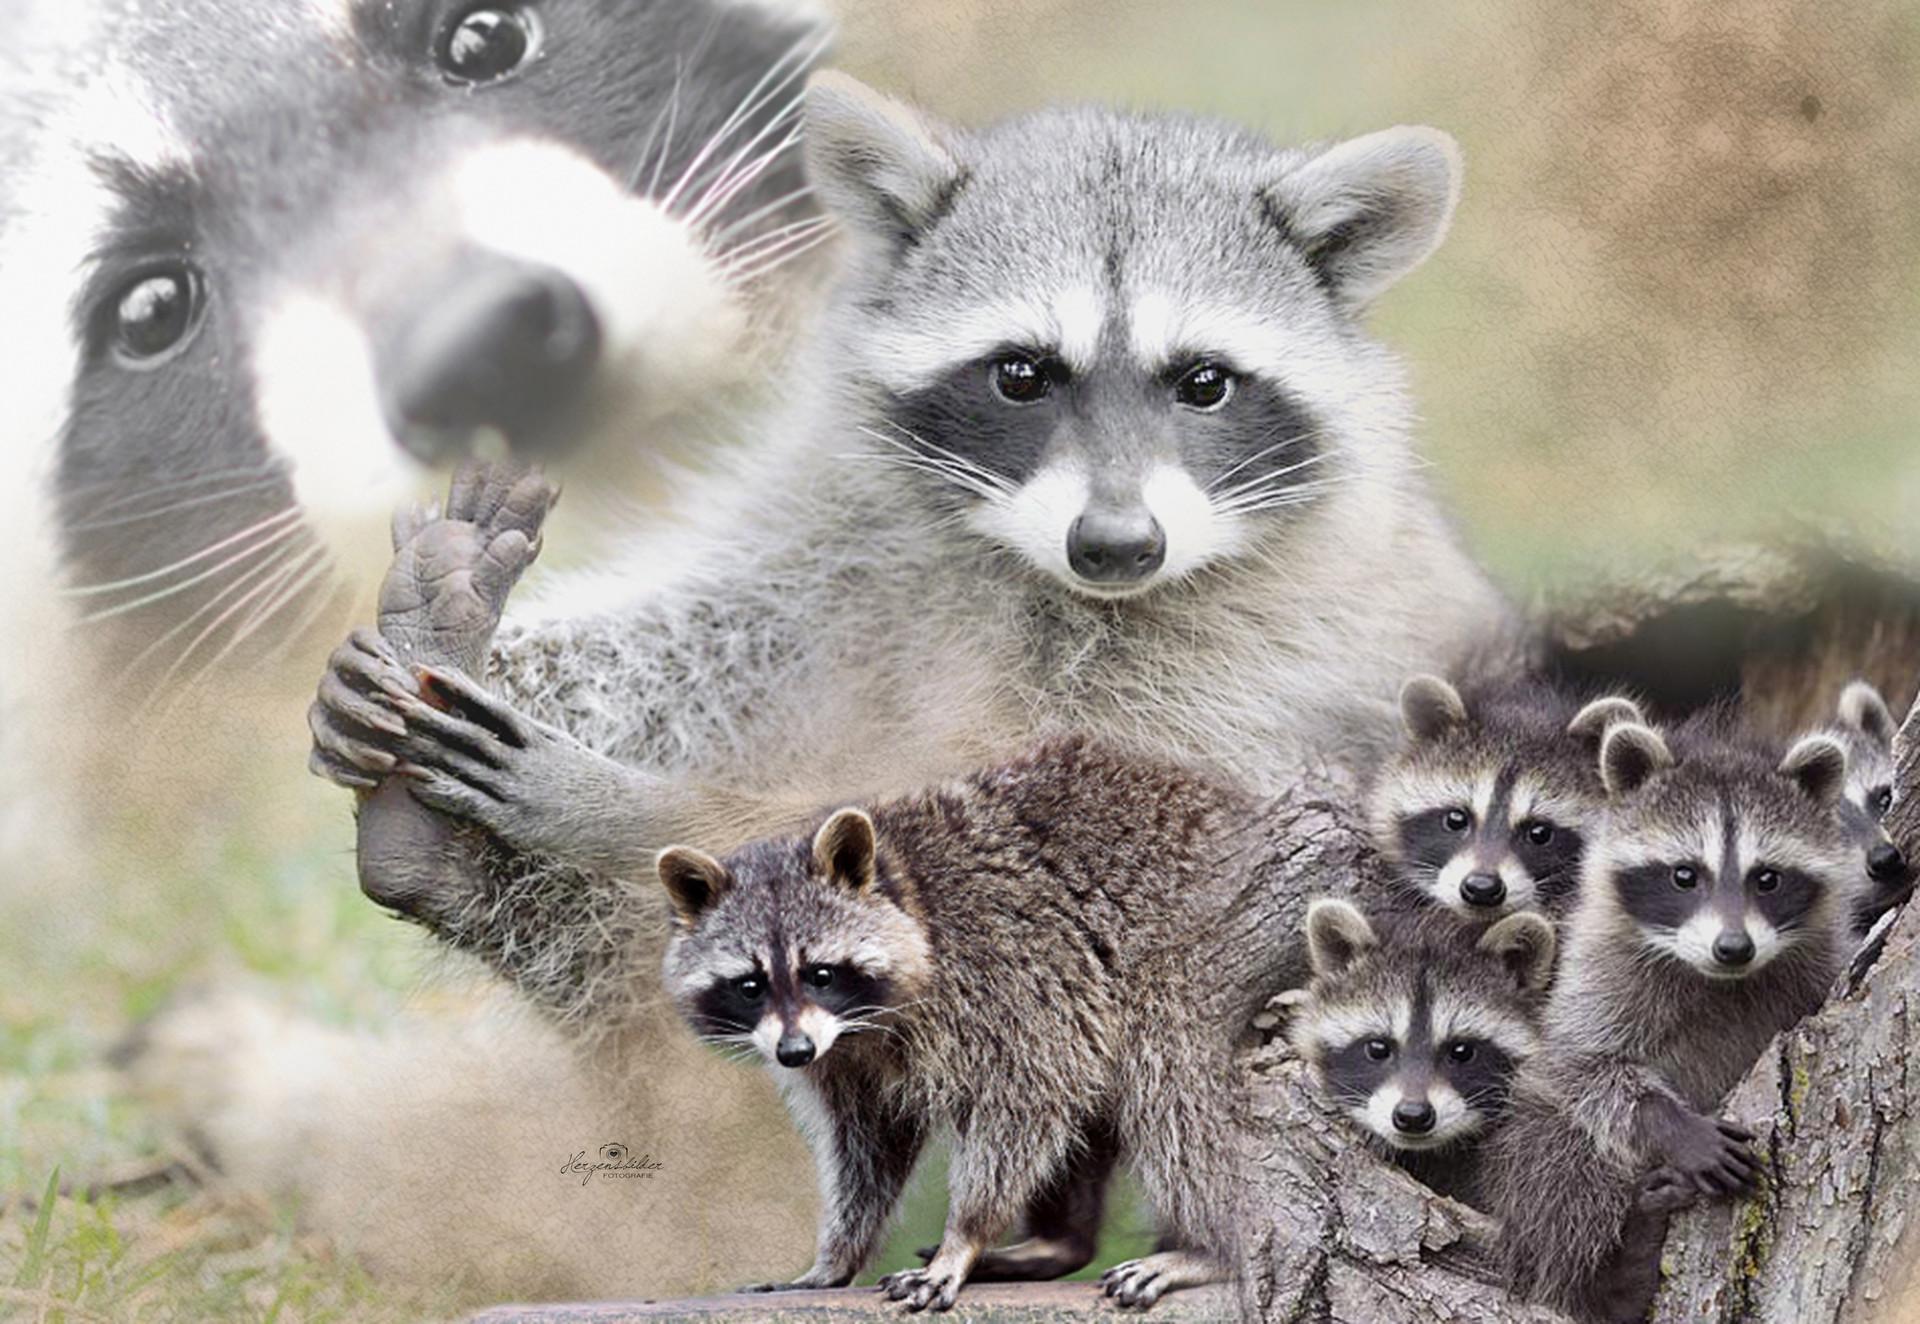 Herzensbilder Tierfotos Halle Fotografie Waschbären